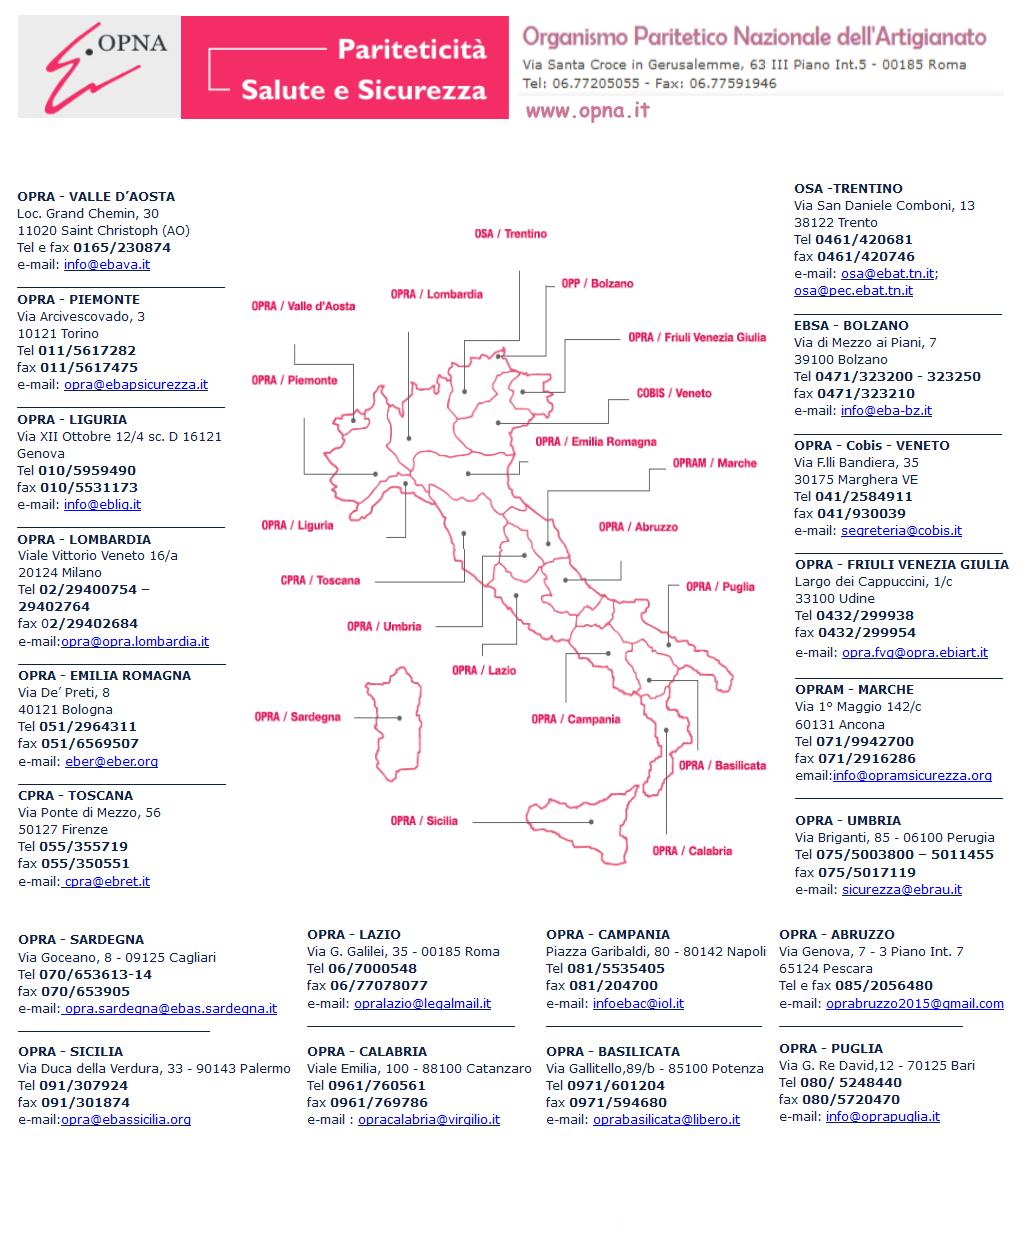 La rete della Pariteticità in Italia